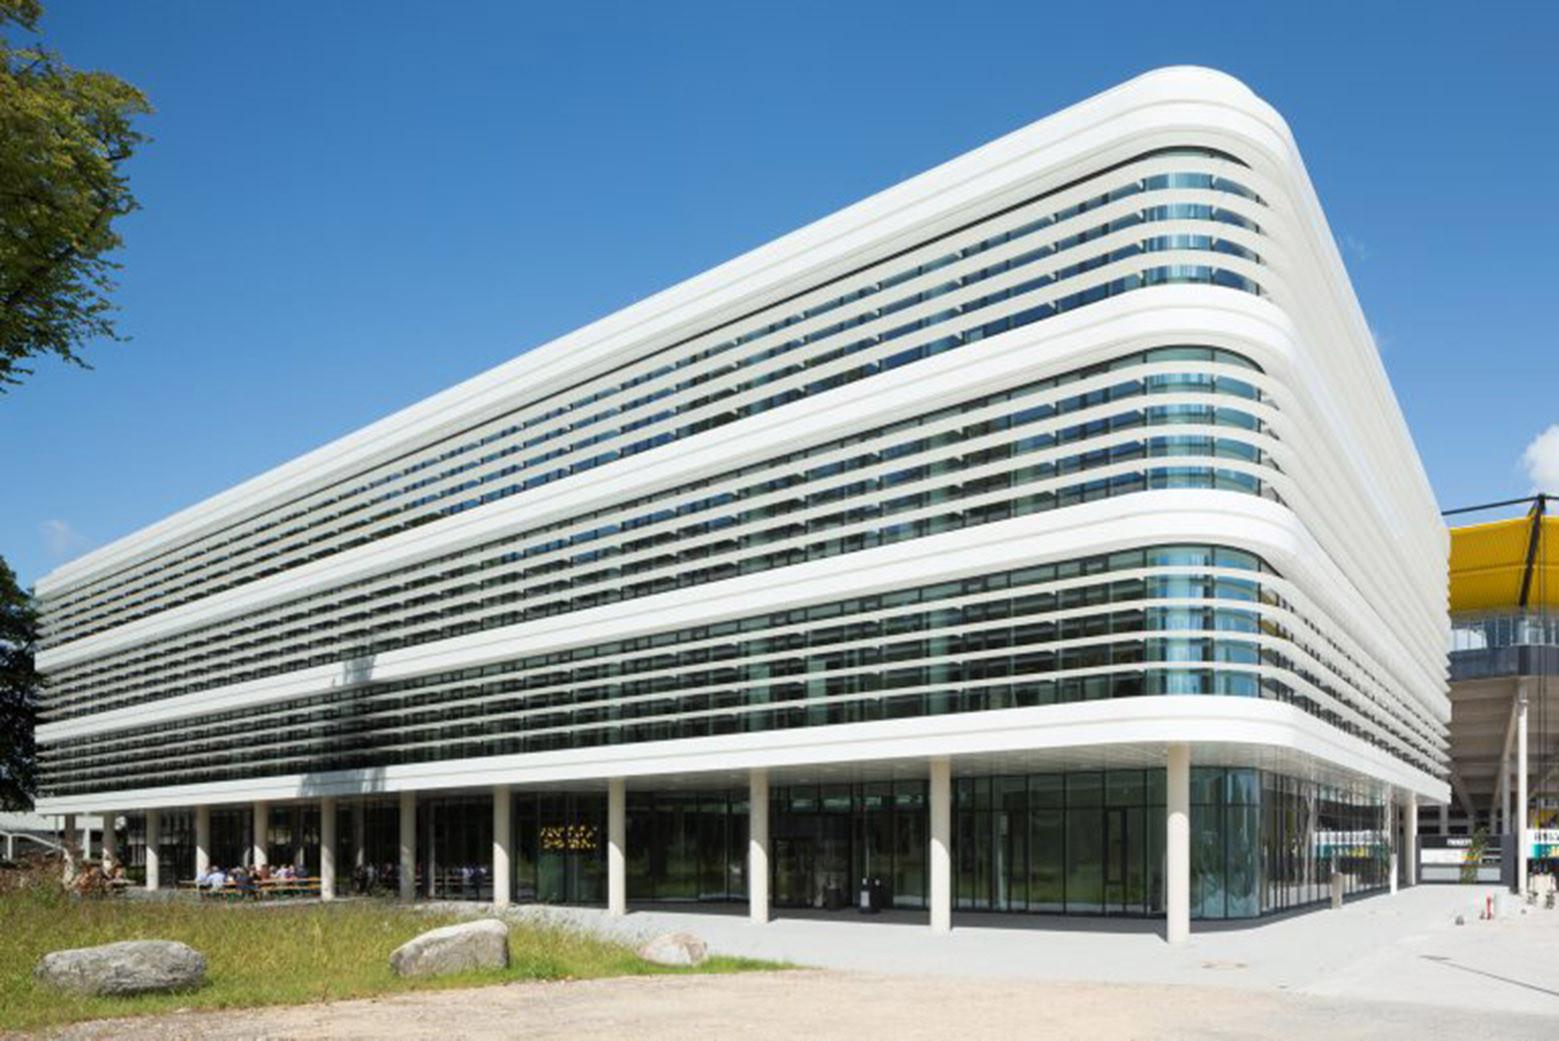 Architekten Aachen trianel headquarters gmp architekten archdaily